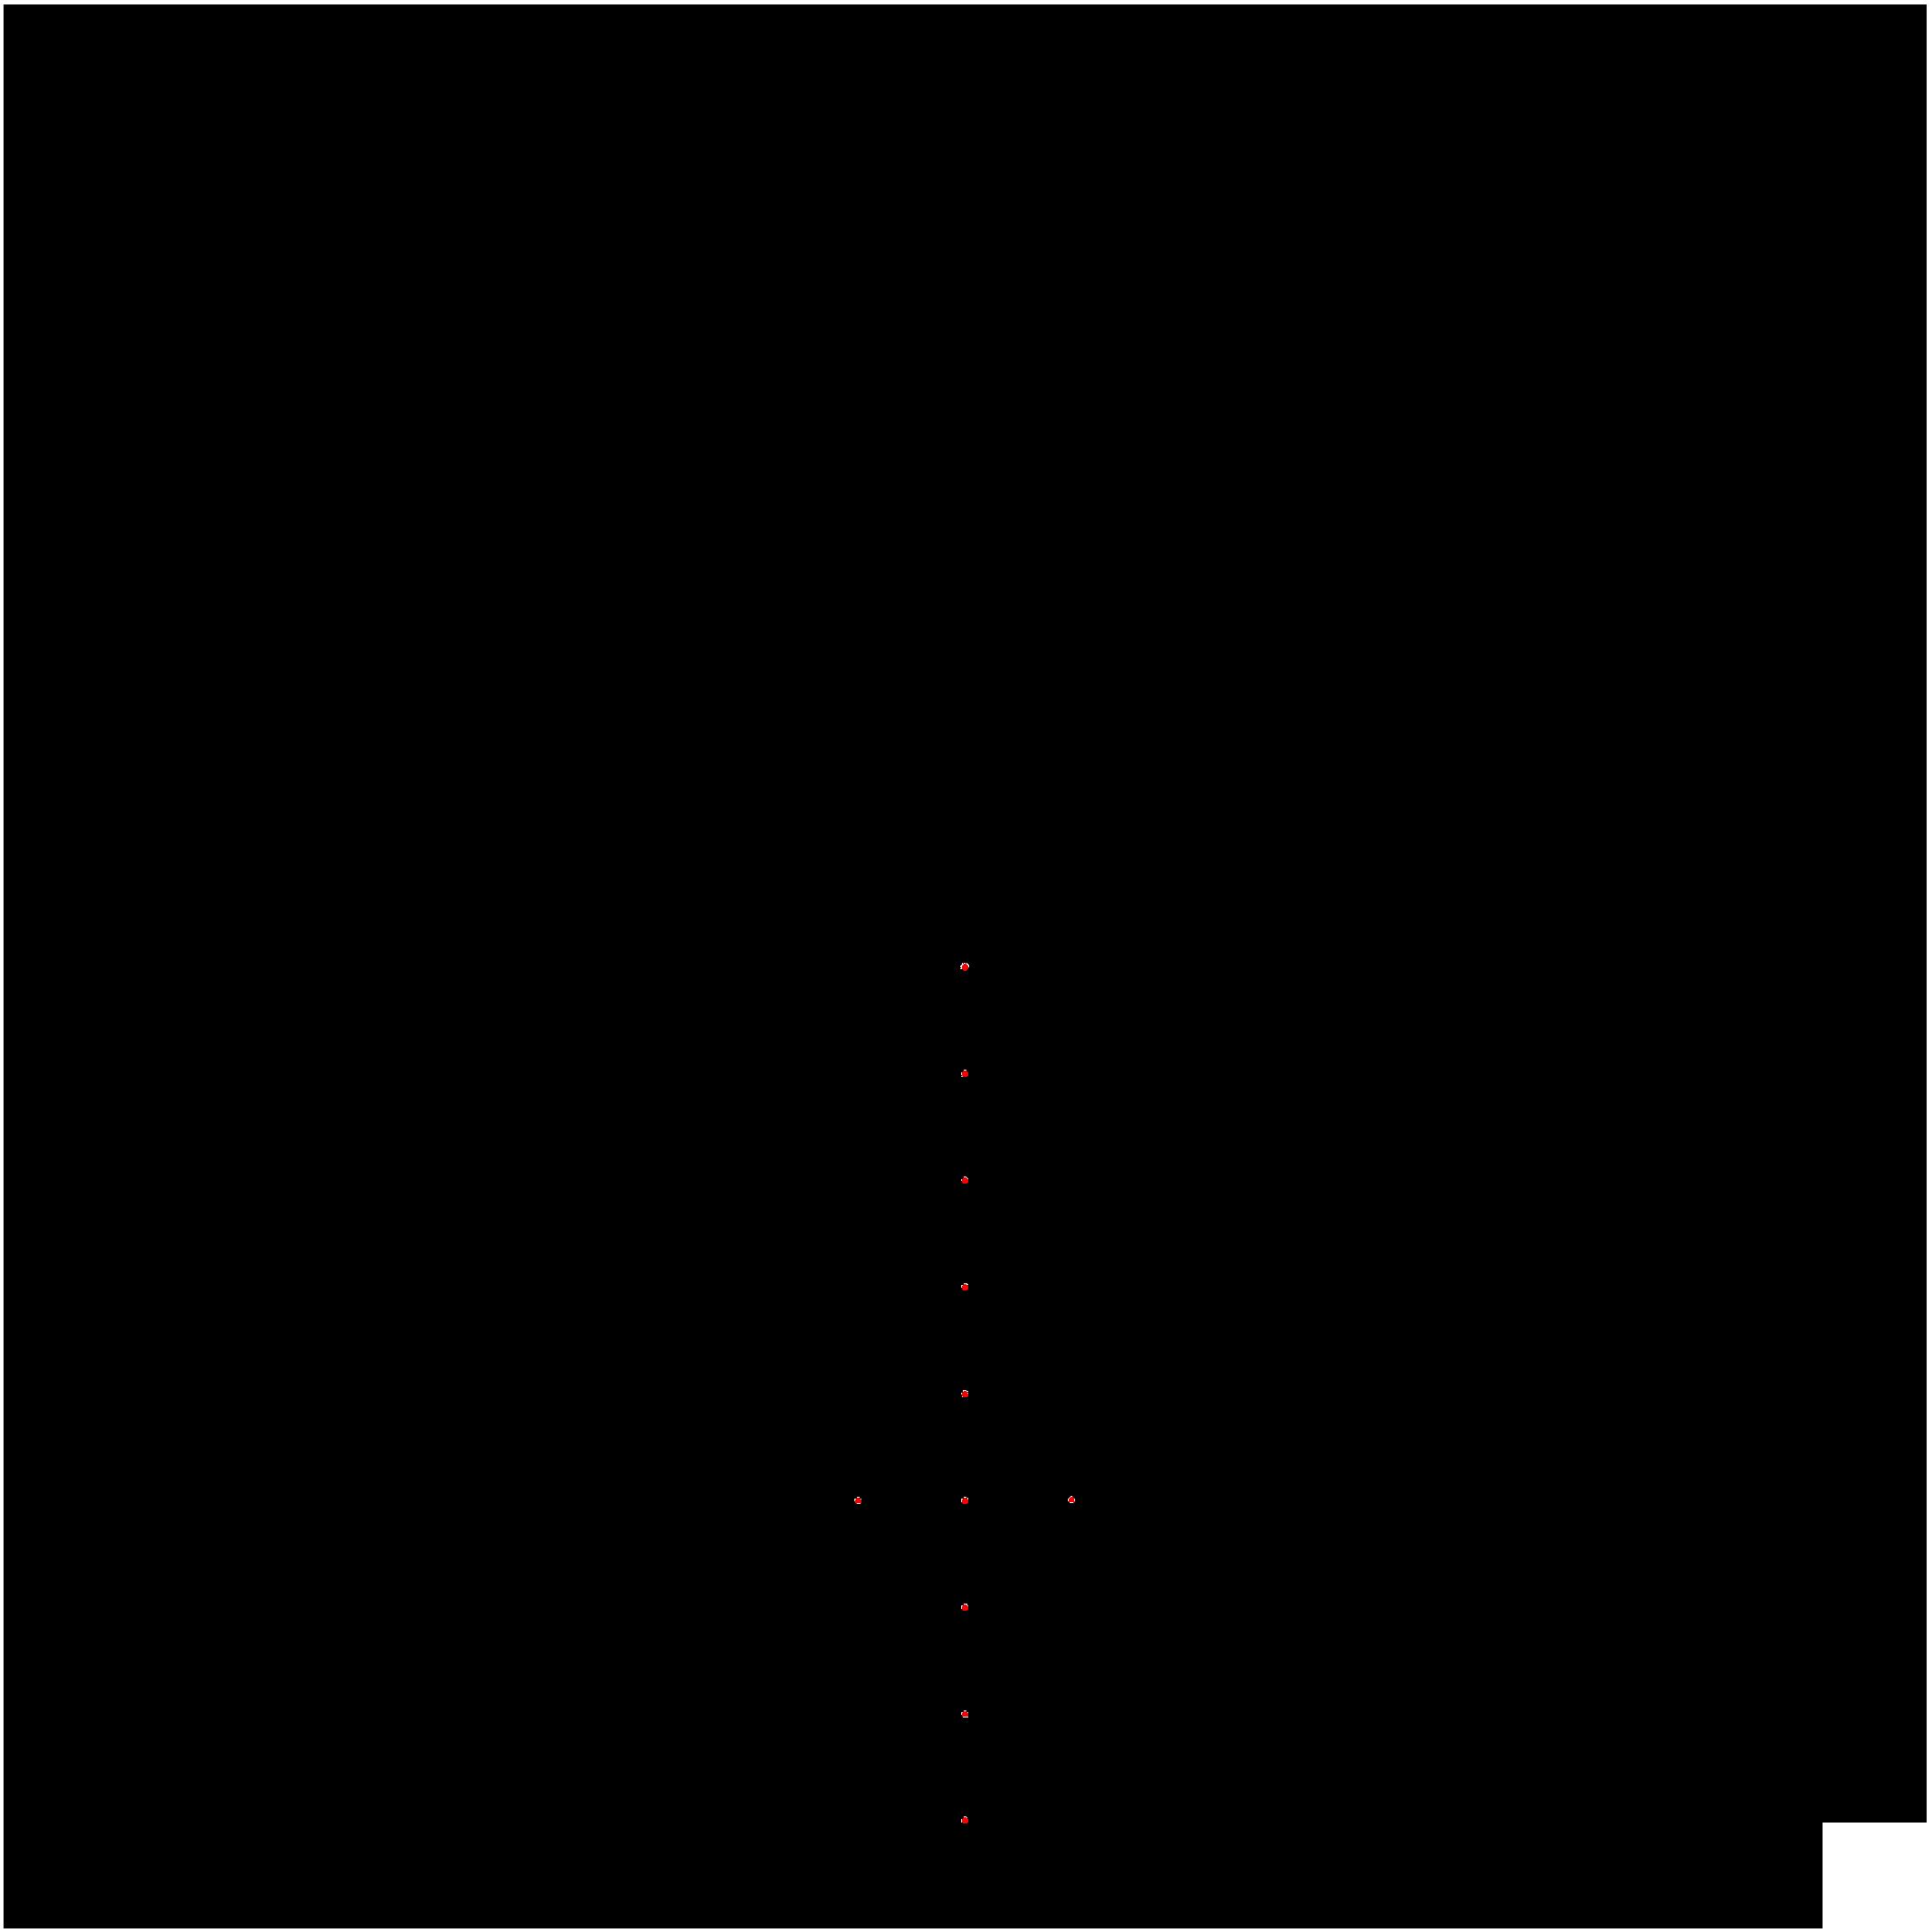 Reticle_Images - Tremor3-Illuminated